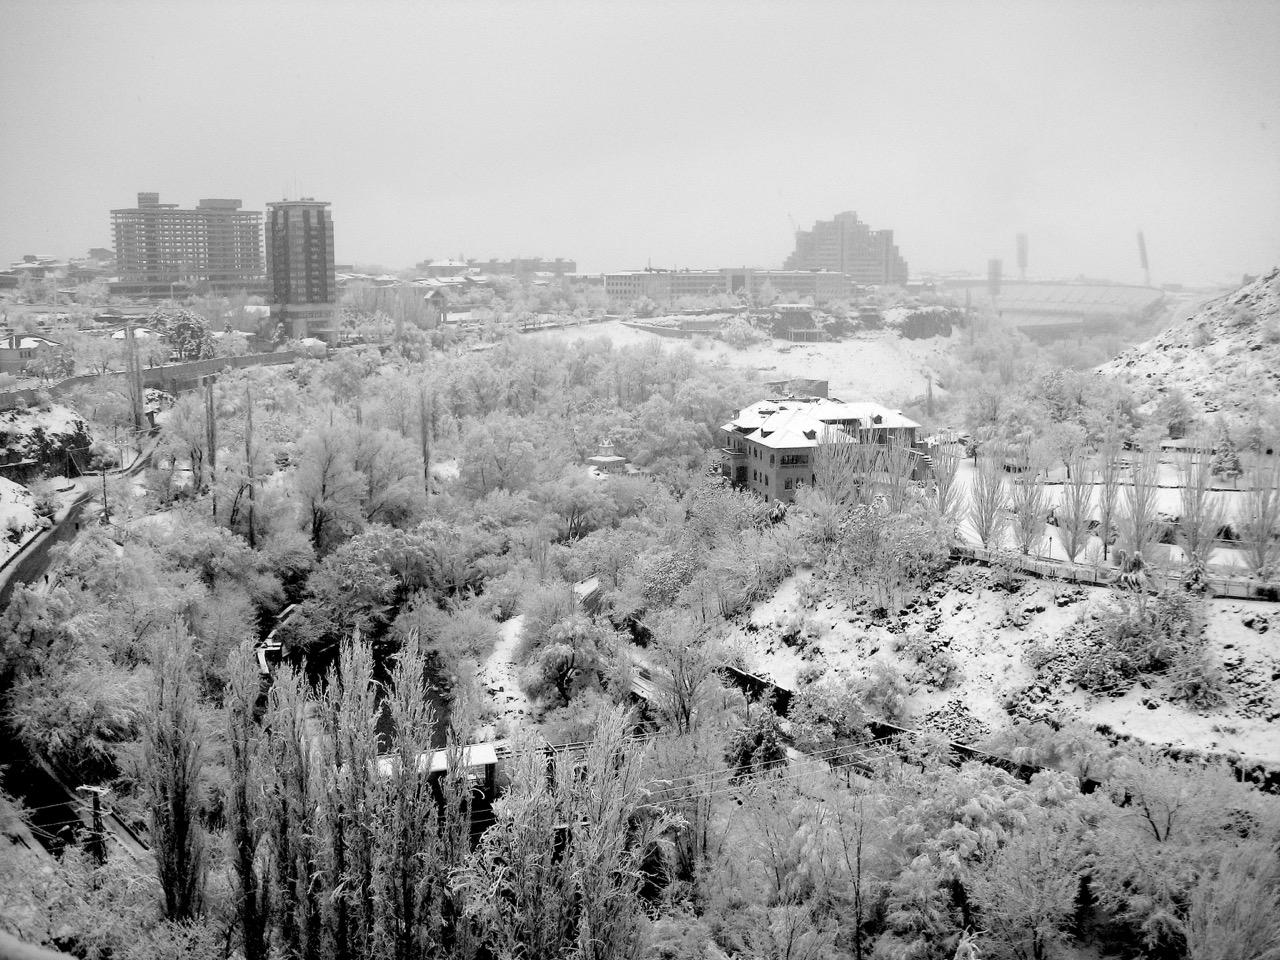 Foto: Eiszeit. Aus: Eriwan. Kapitel 7. Aufzeichnungen aus Armenien von Marc Degens.